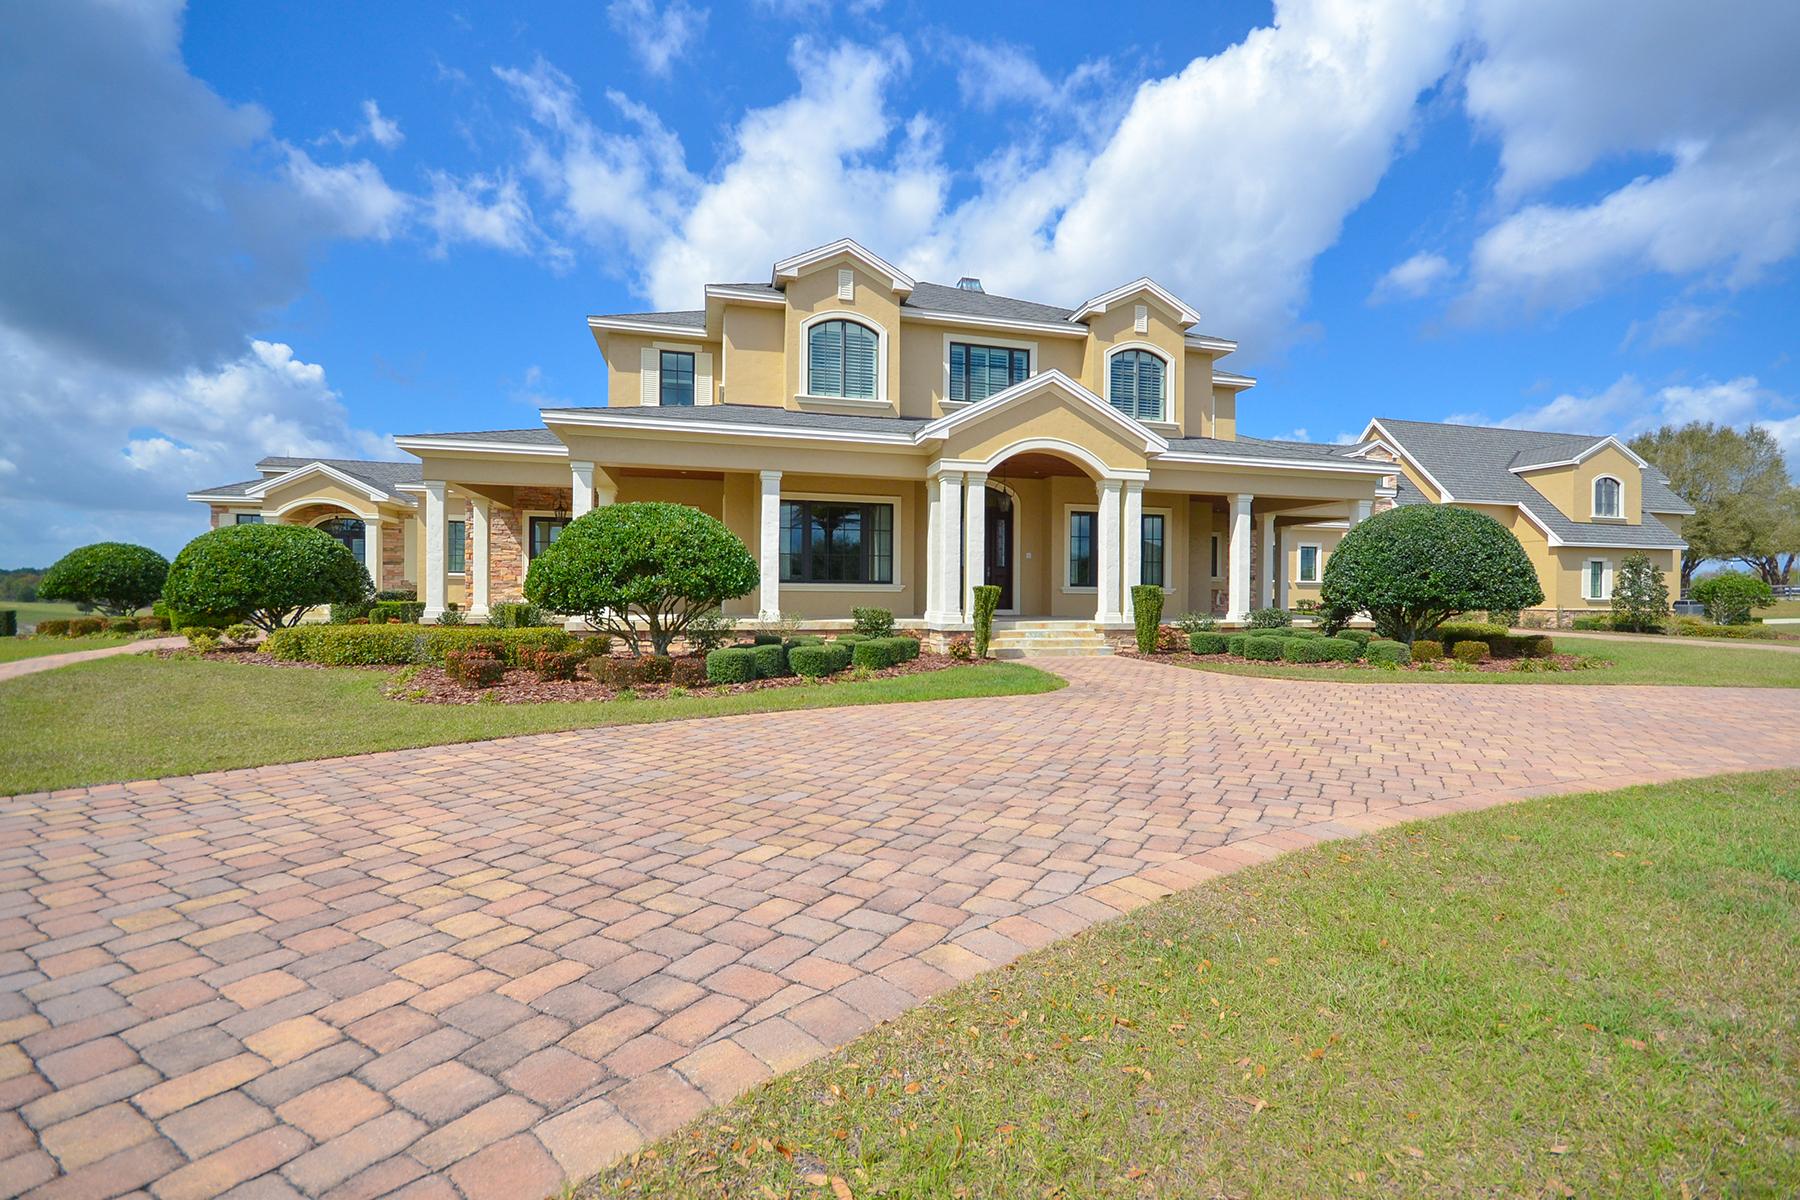 단독 가정 주택 용 매매 에 LADY LAKE 5650 Marion County Rd Lady Lake, 플로리다, 32159 미국